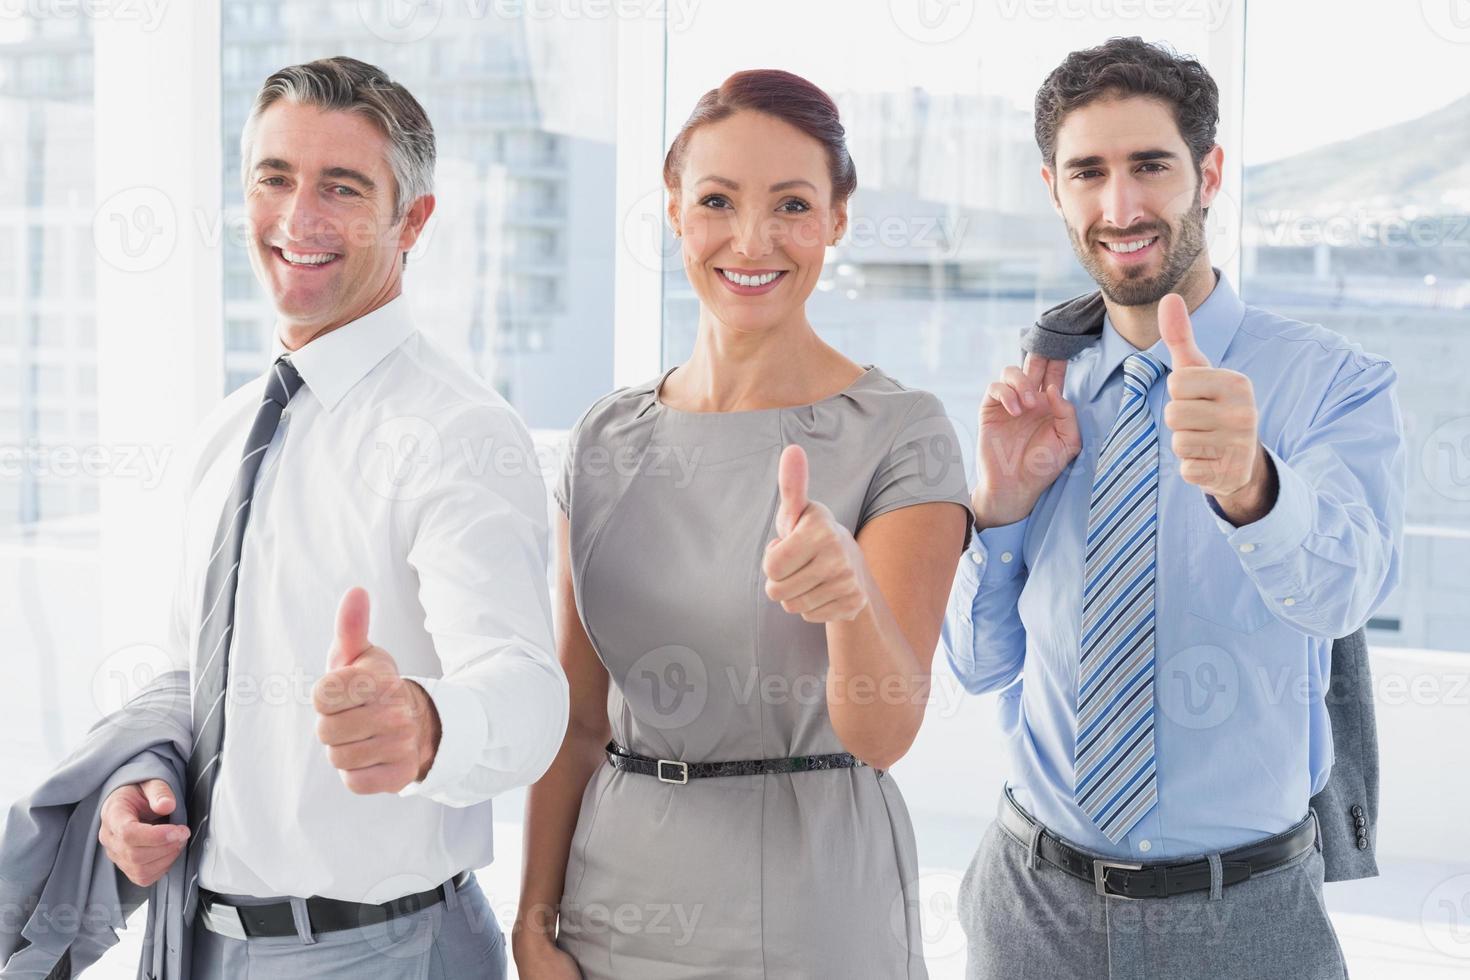 imprenditrice sorridente mentre al lavoro foto